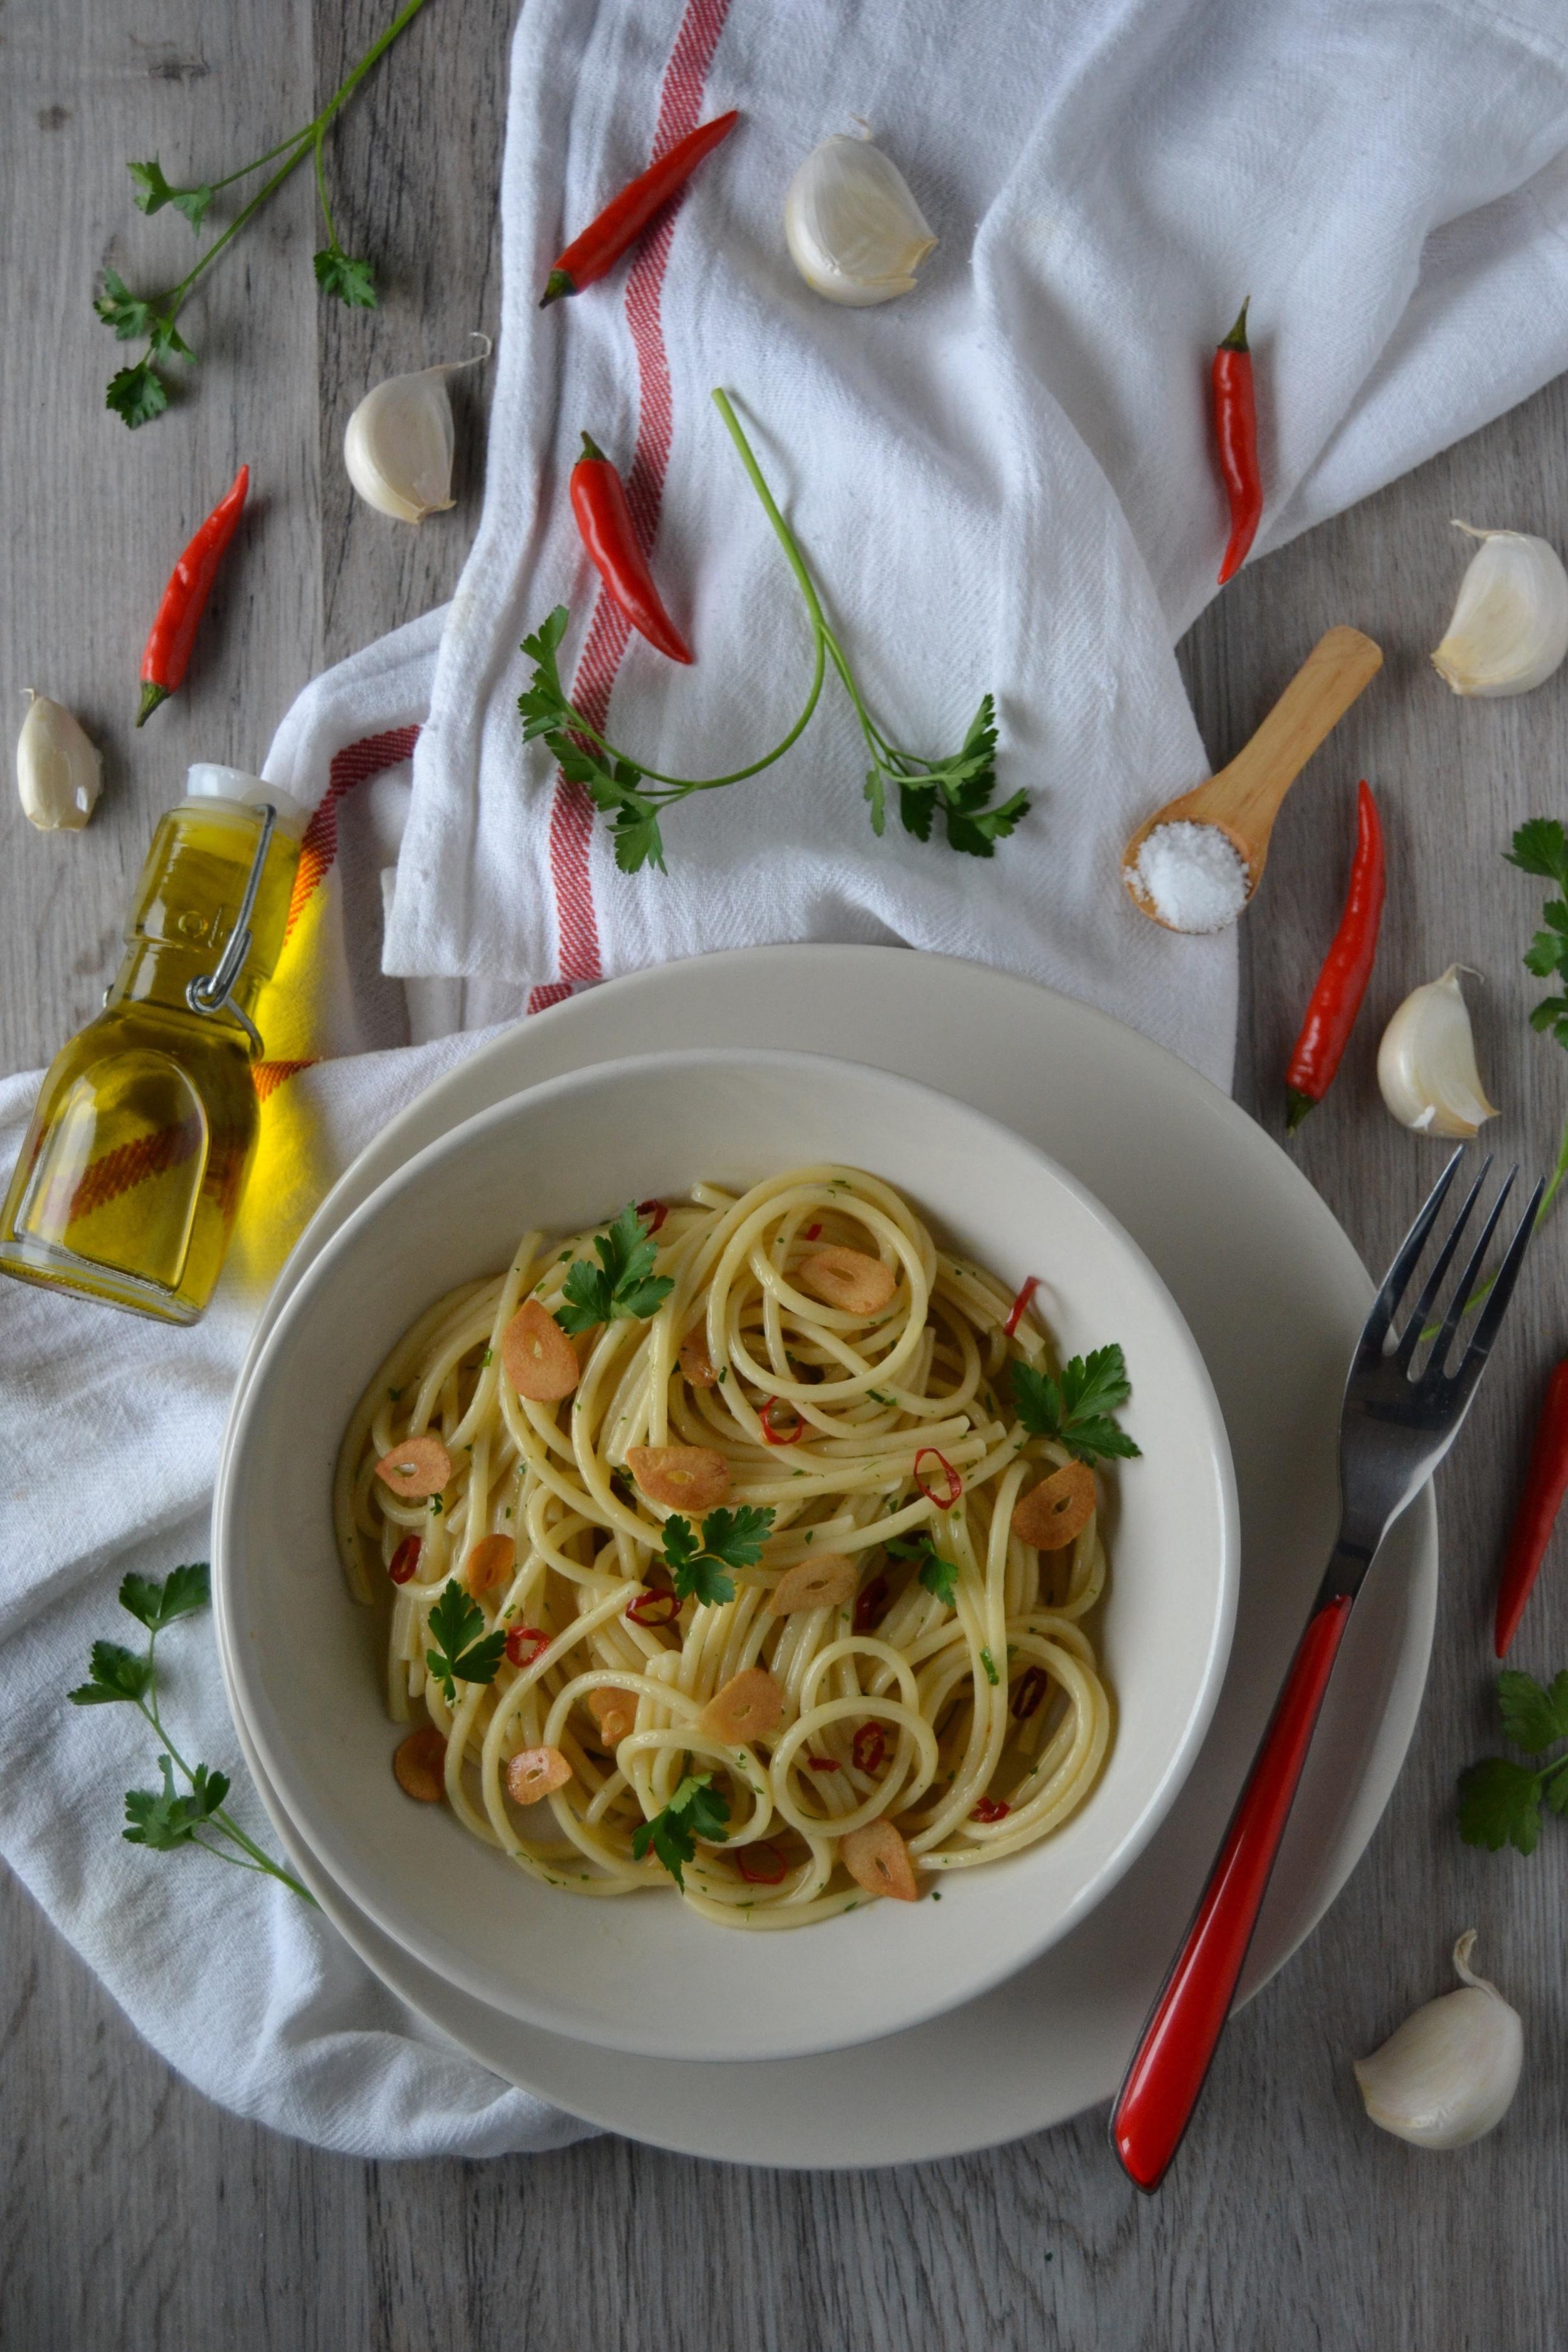 Spaghetti all'aglio olio e peperoncino